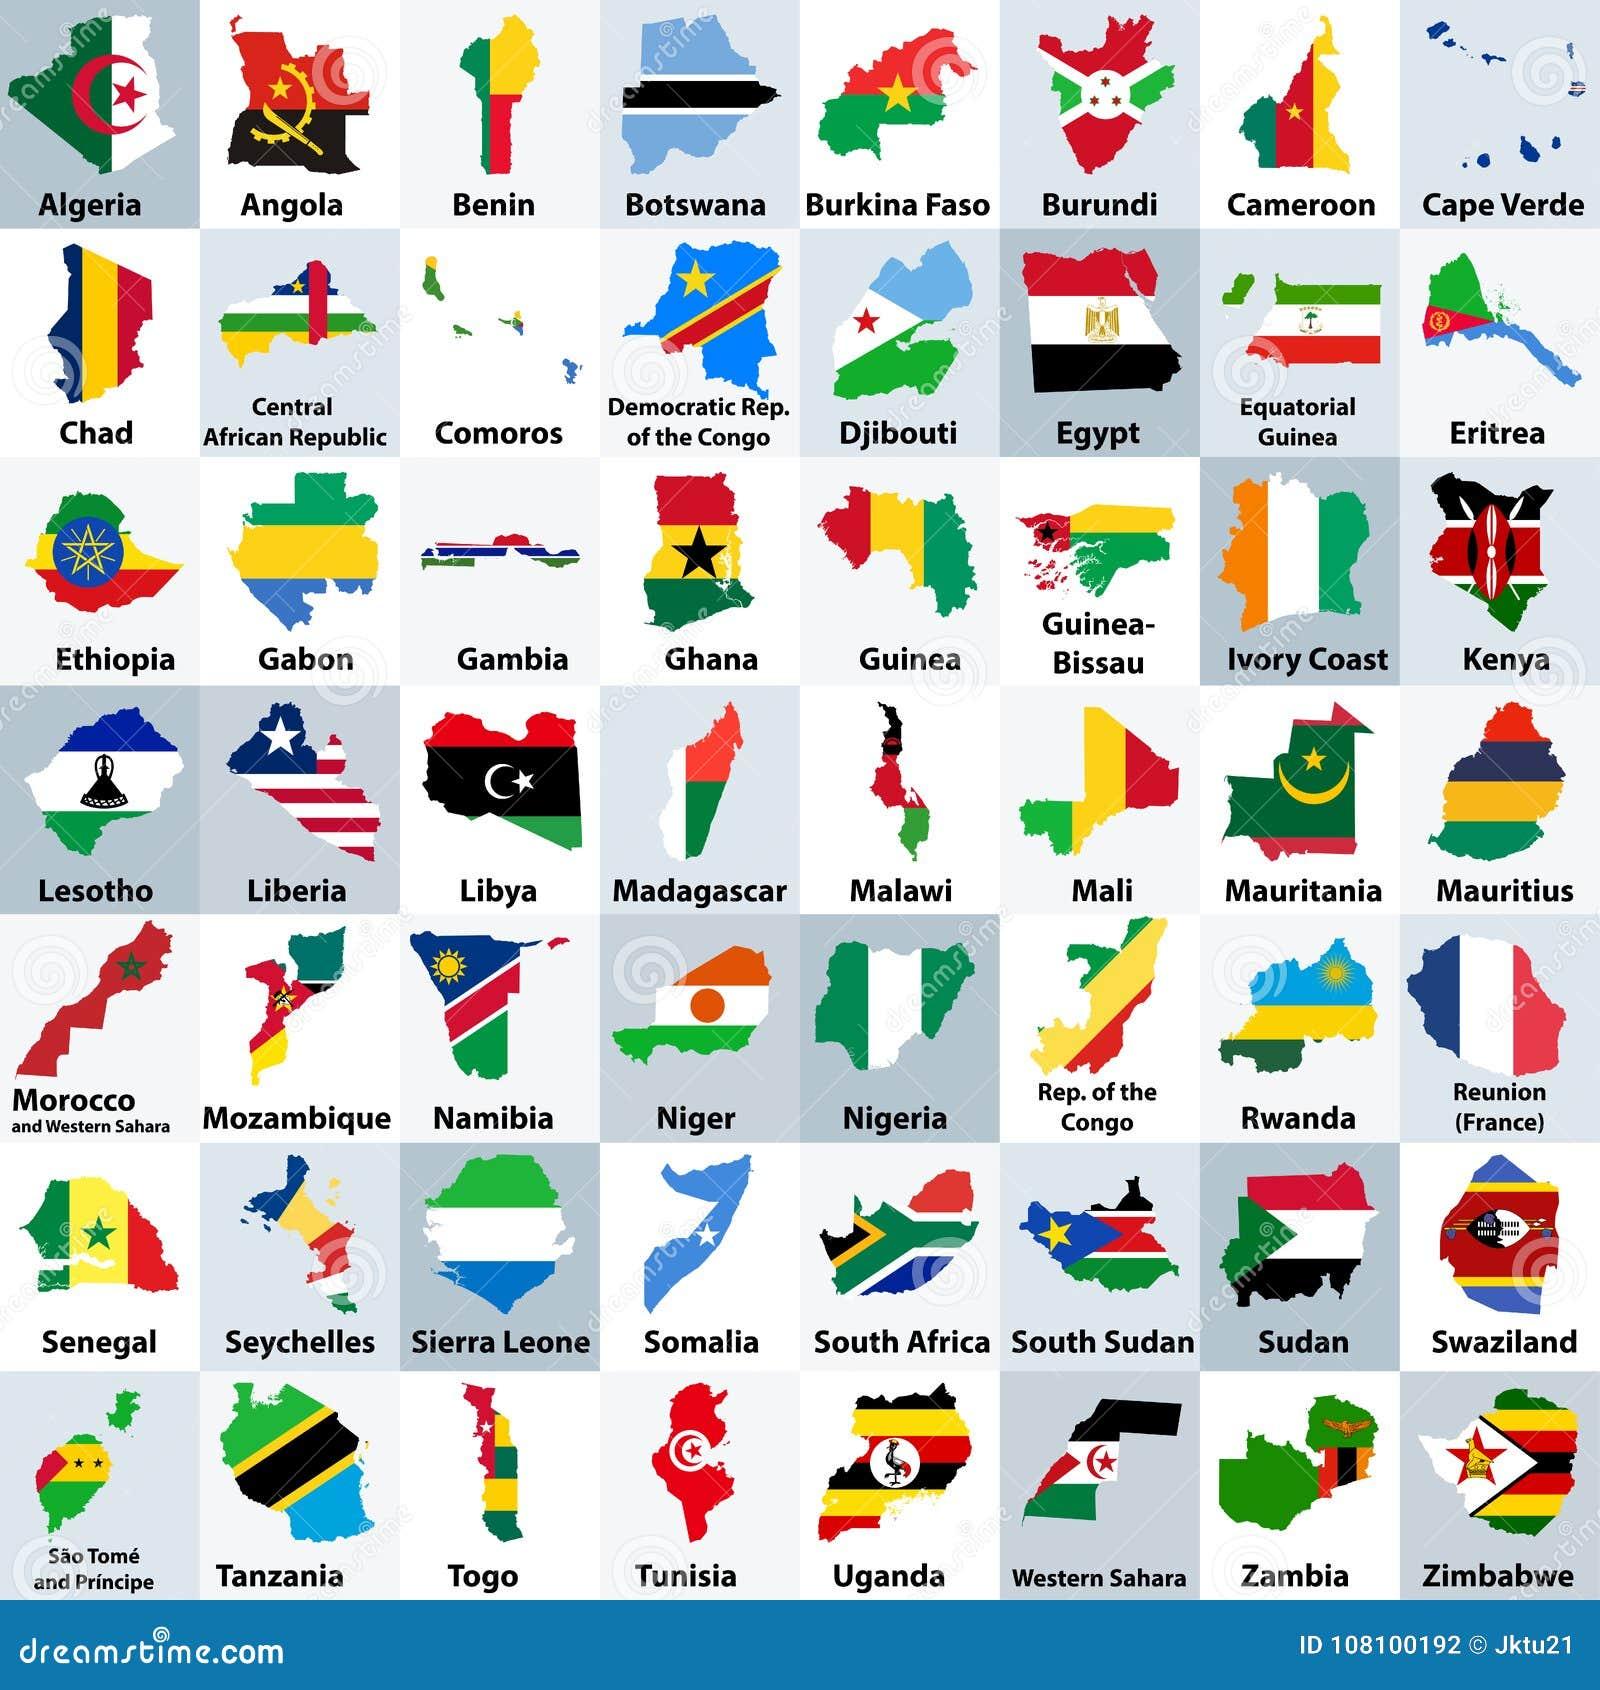 Alle Karten der afrikanischen Länder mischten mit ihren Staatsflaggen und vereinbarten in alphabetischer Reihenfolge